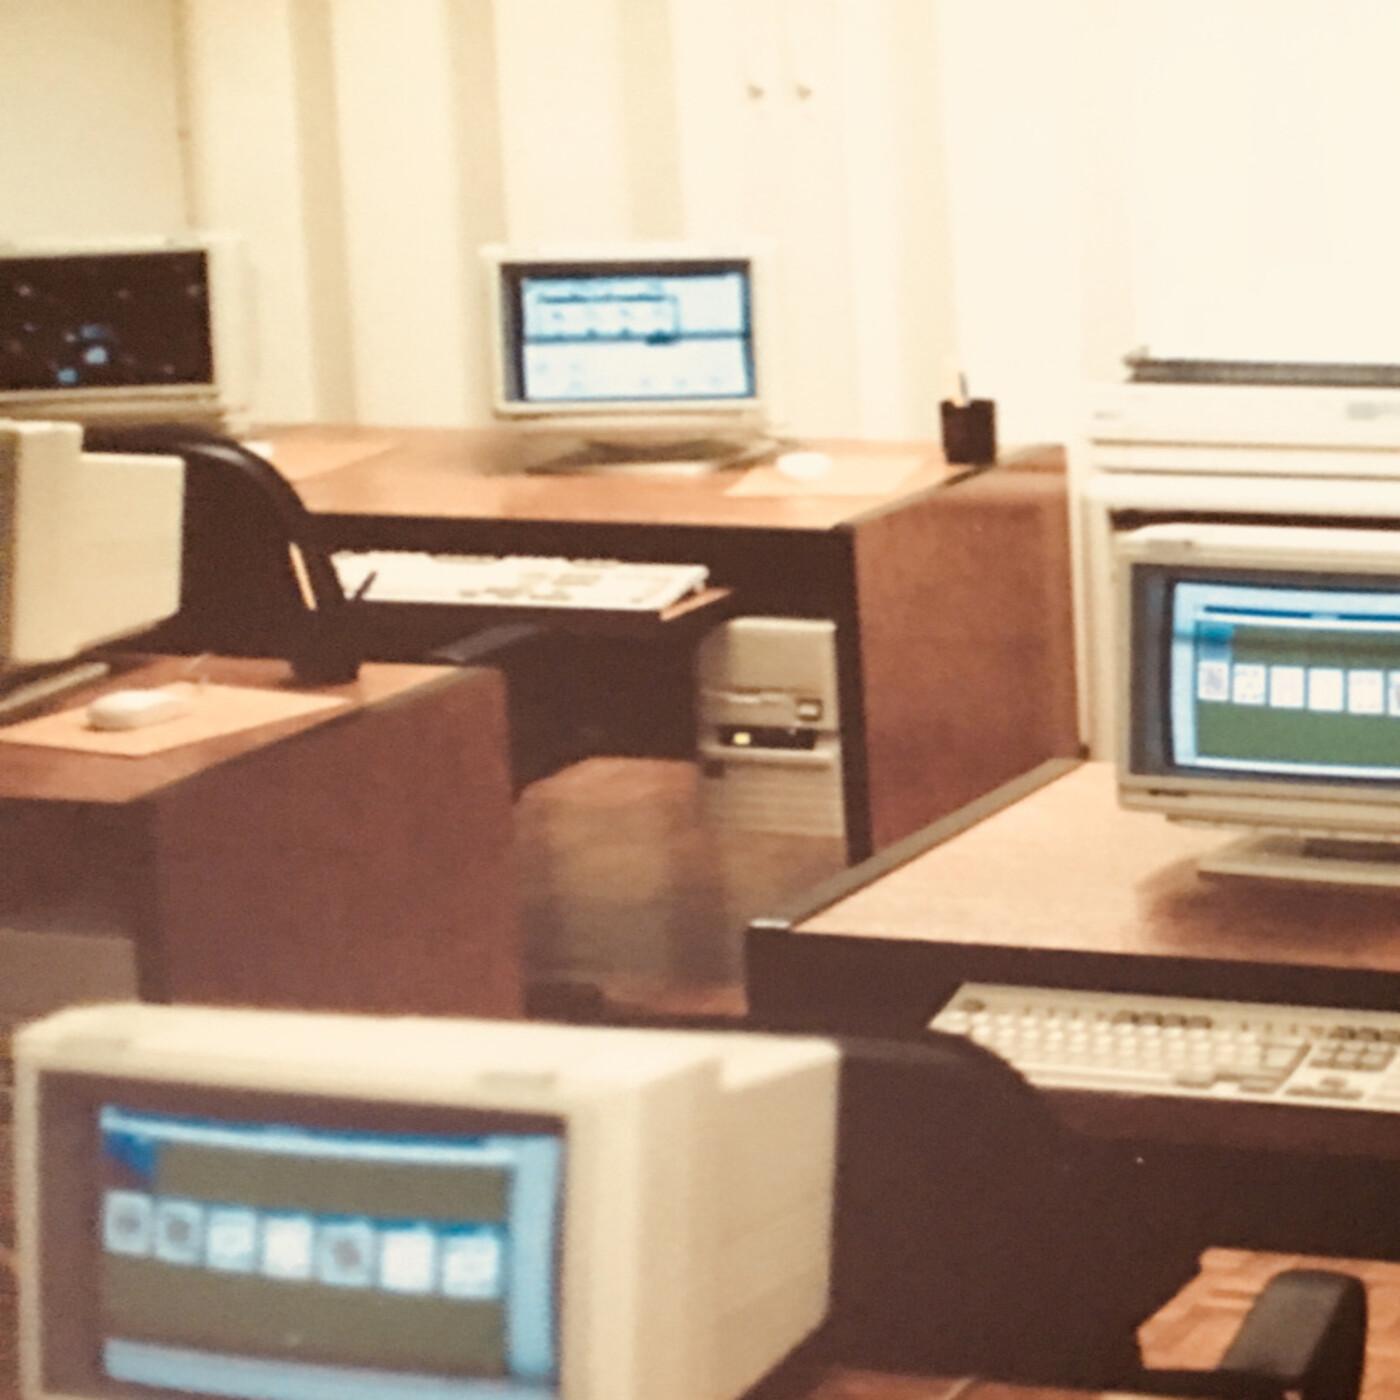 La Edad de Oro y la decadencia de las academias de informática en España en ParcelaDigital